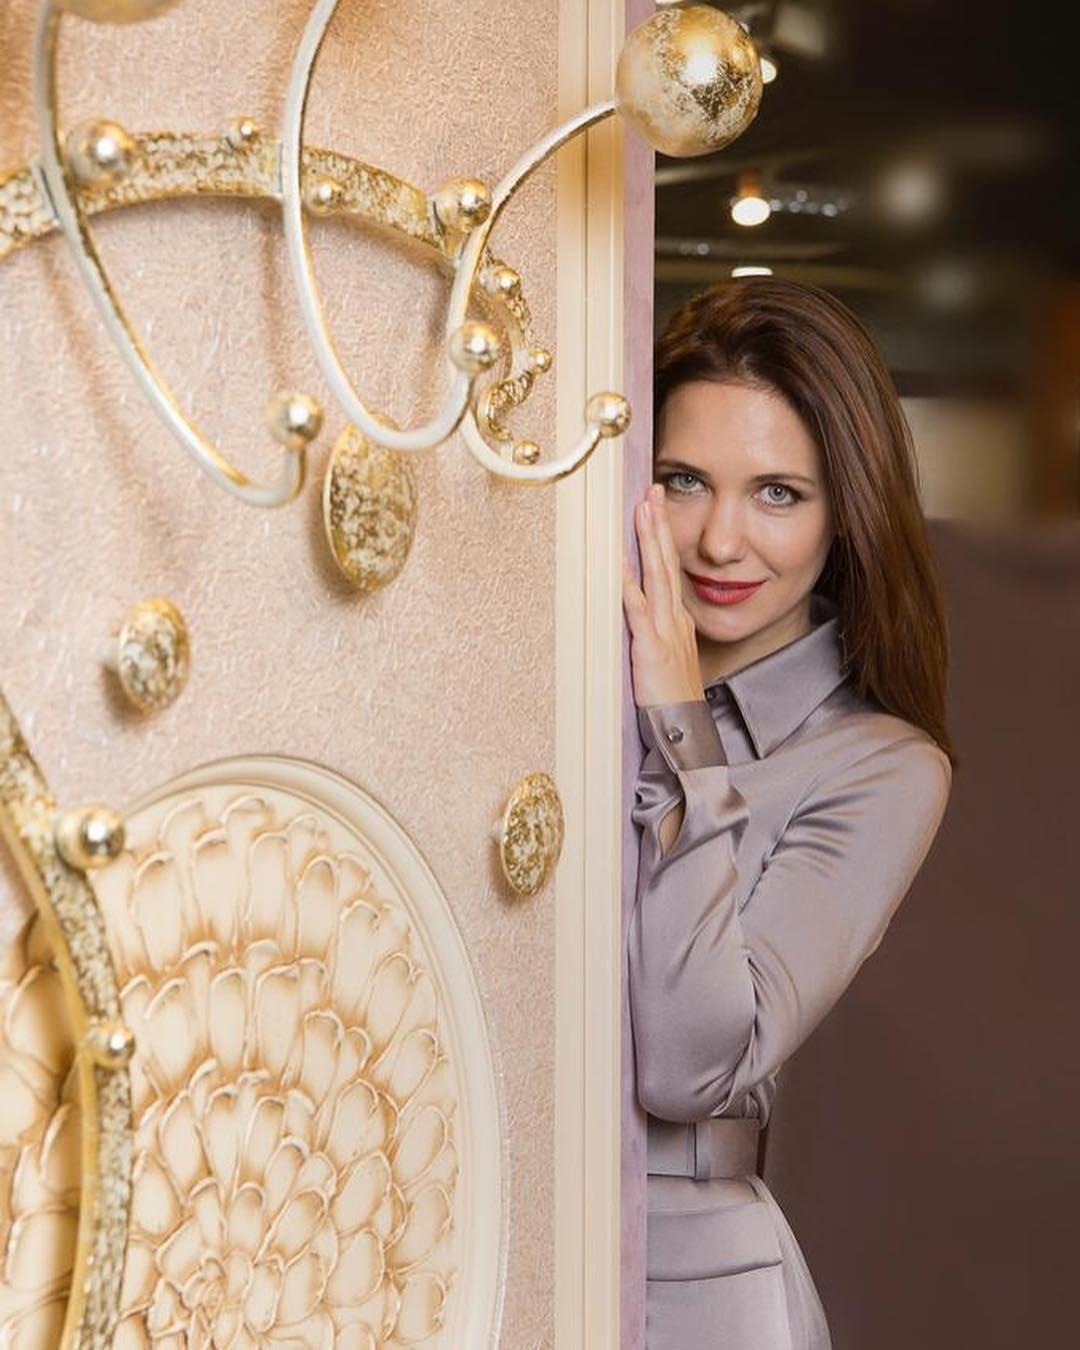 Екатерина Климова выложила фото в душе с банным полотенцем на голове